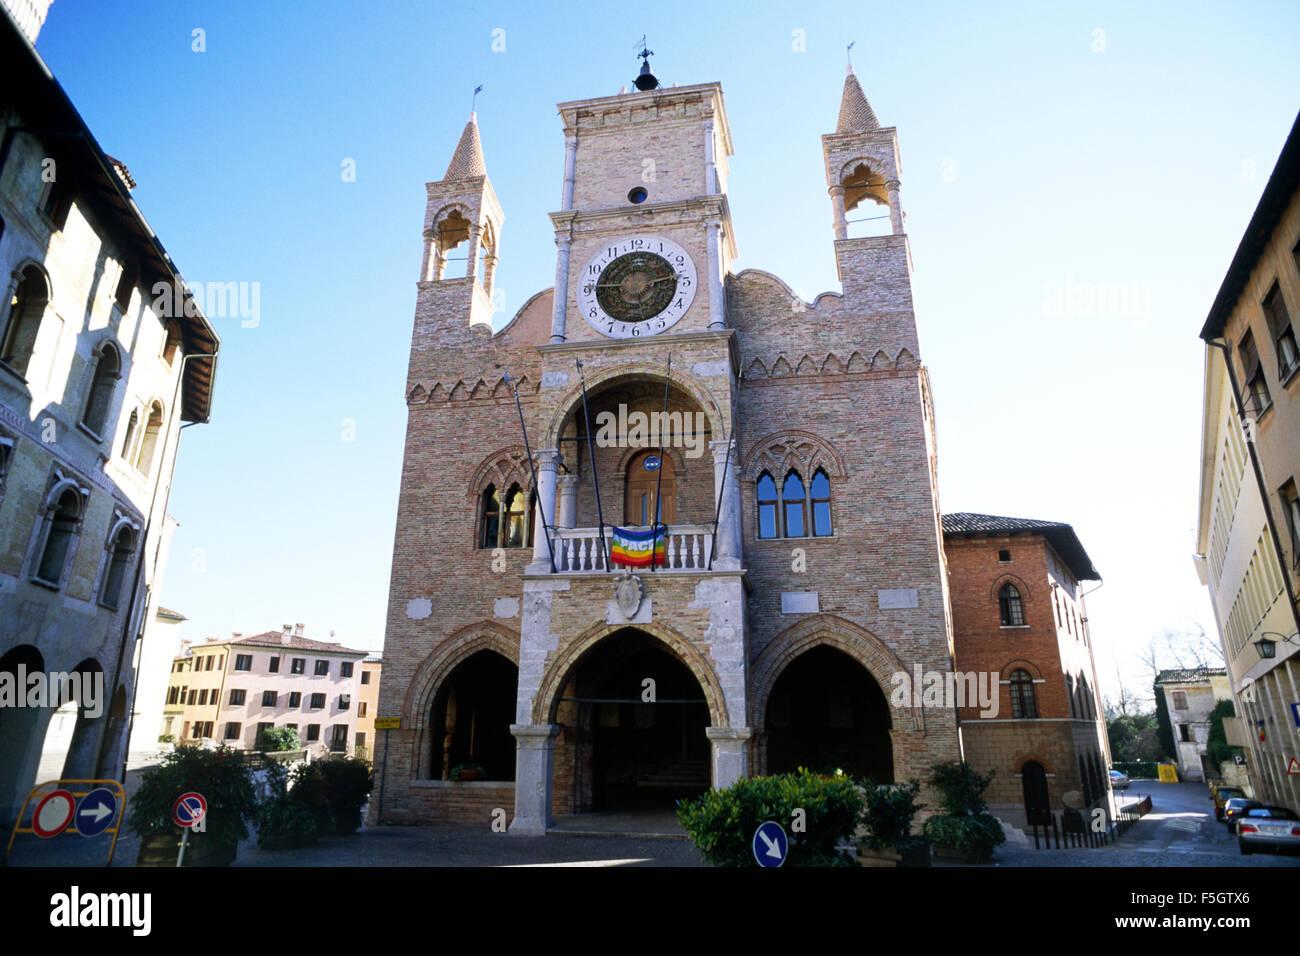 Italy friuli venezia giulia pordenone town hall stock for Arredamento friuli venezia giulia